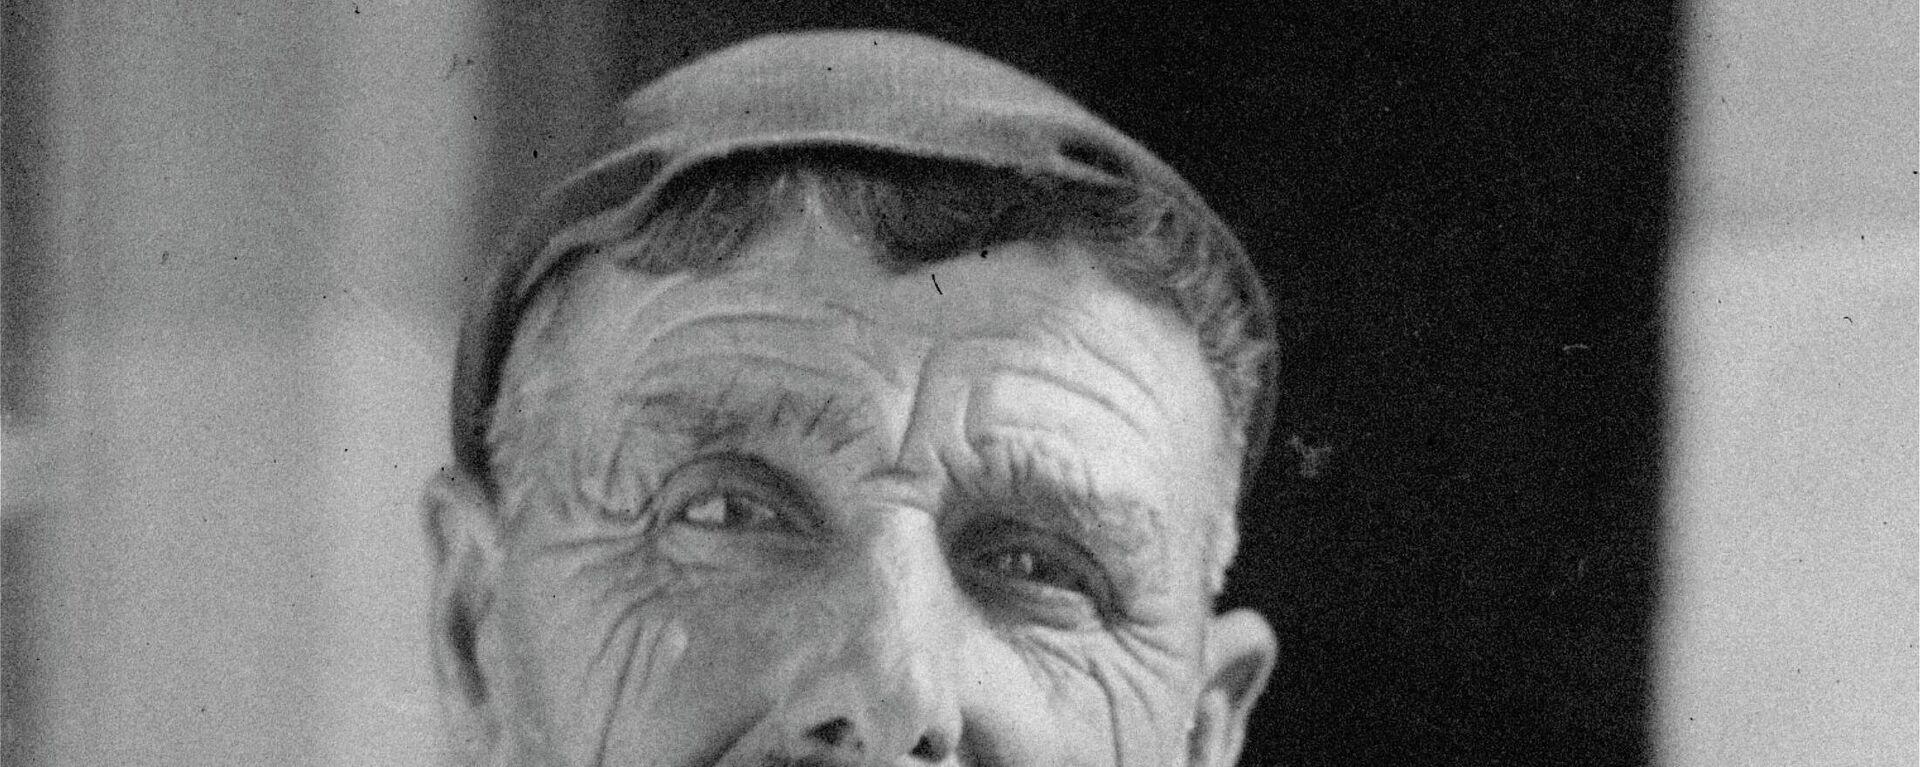 Ο Σπύρος Λούης - Sputnik Ελλάδα, 1920, 21.09.2021